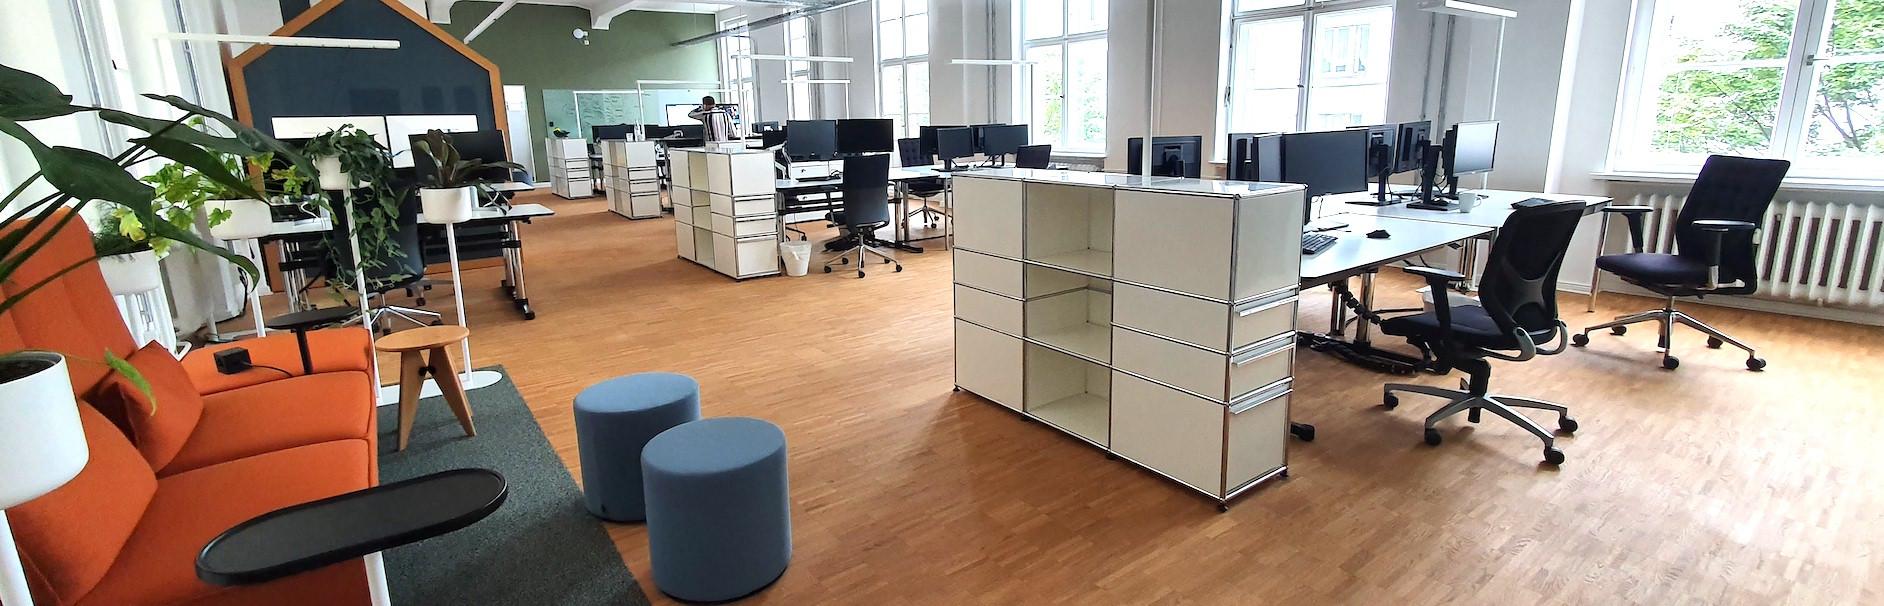 Kaliwerk Arbeitsplätze im shared Office